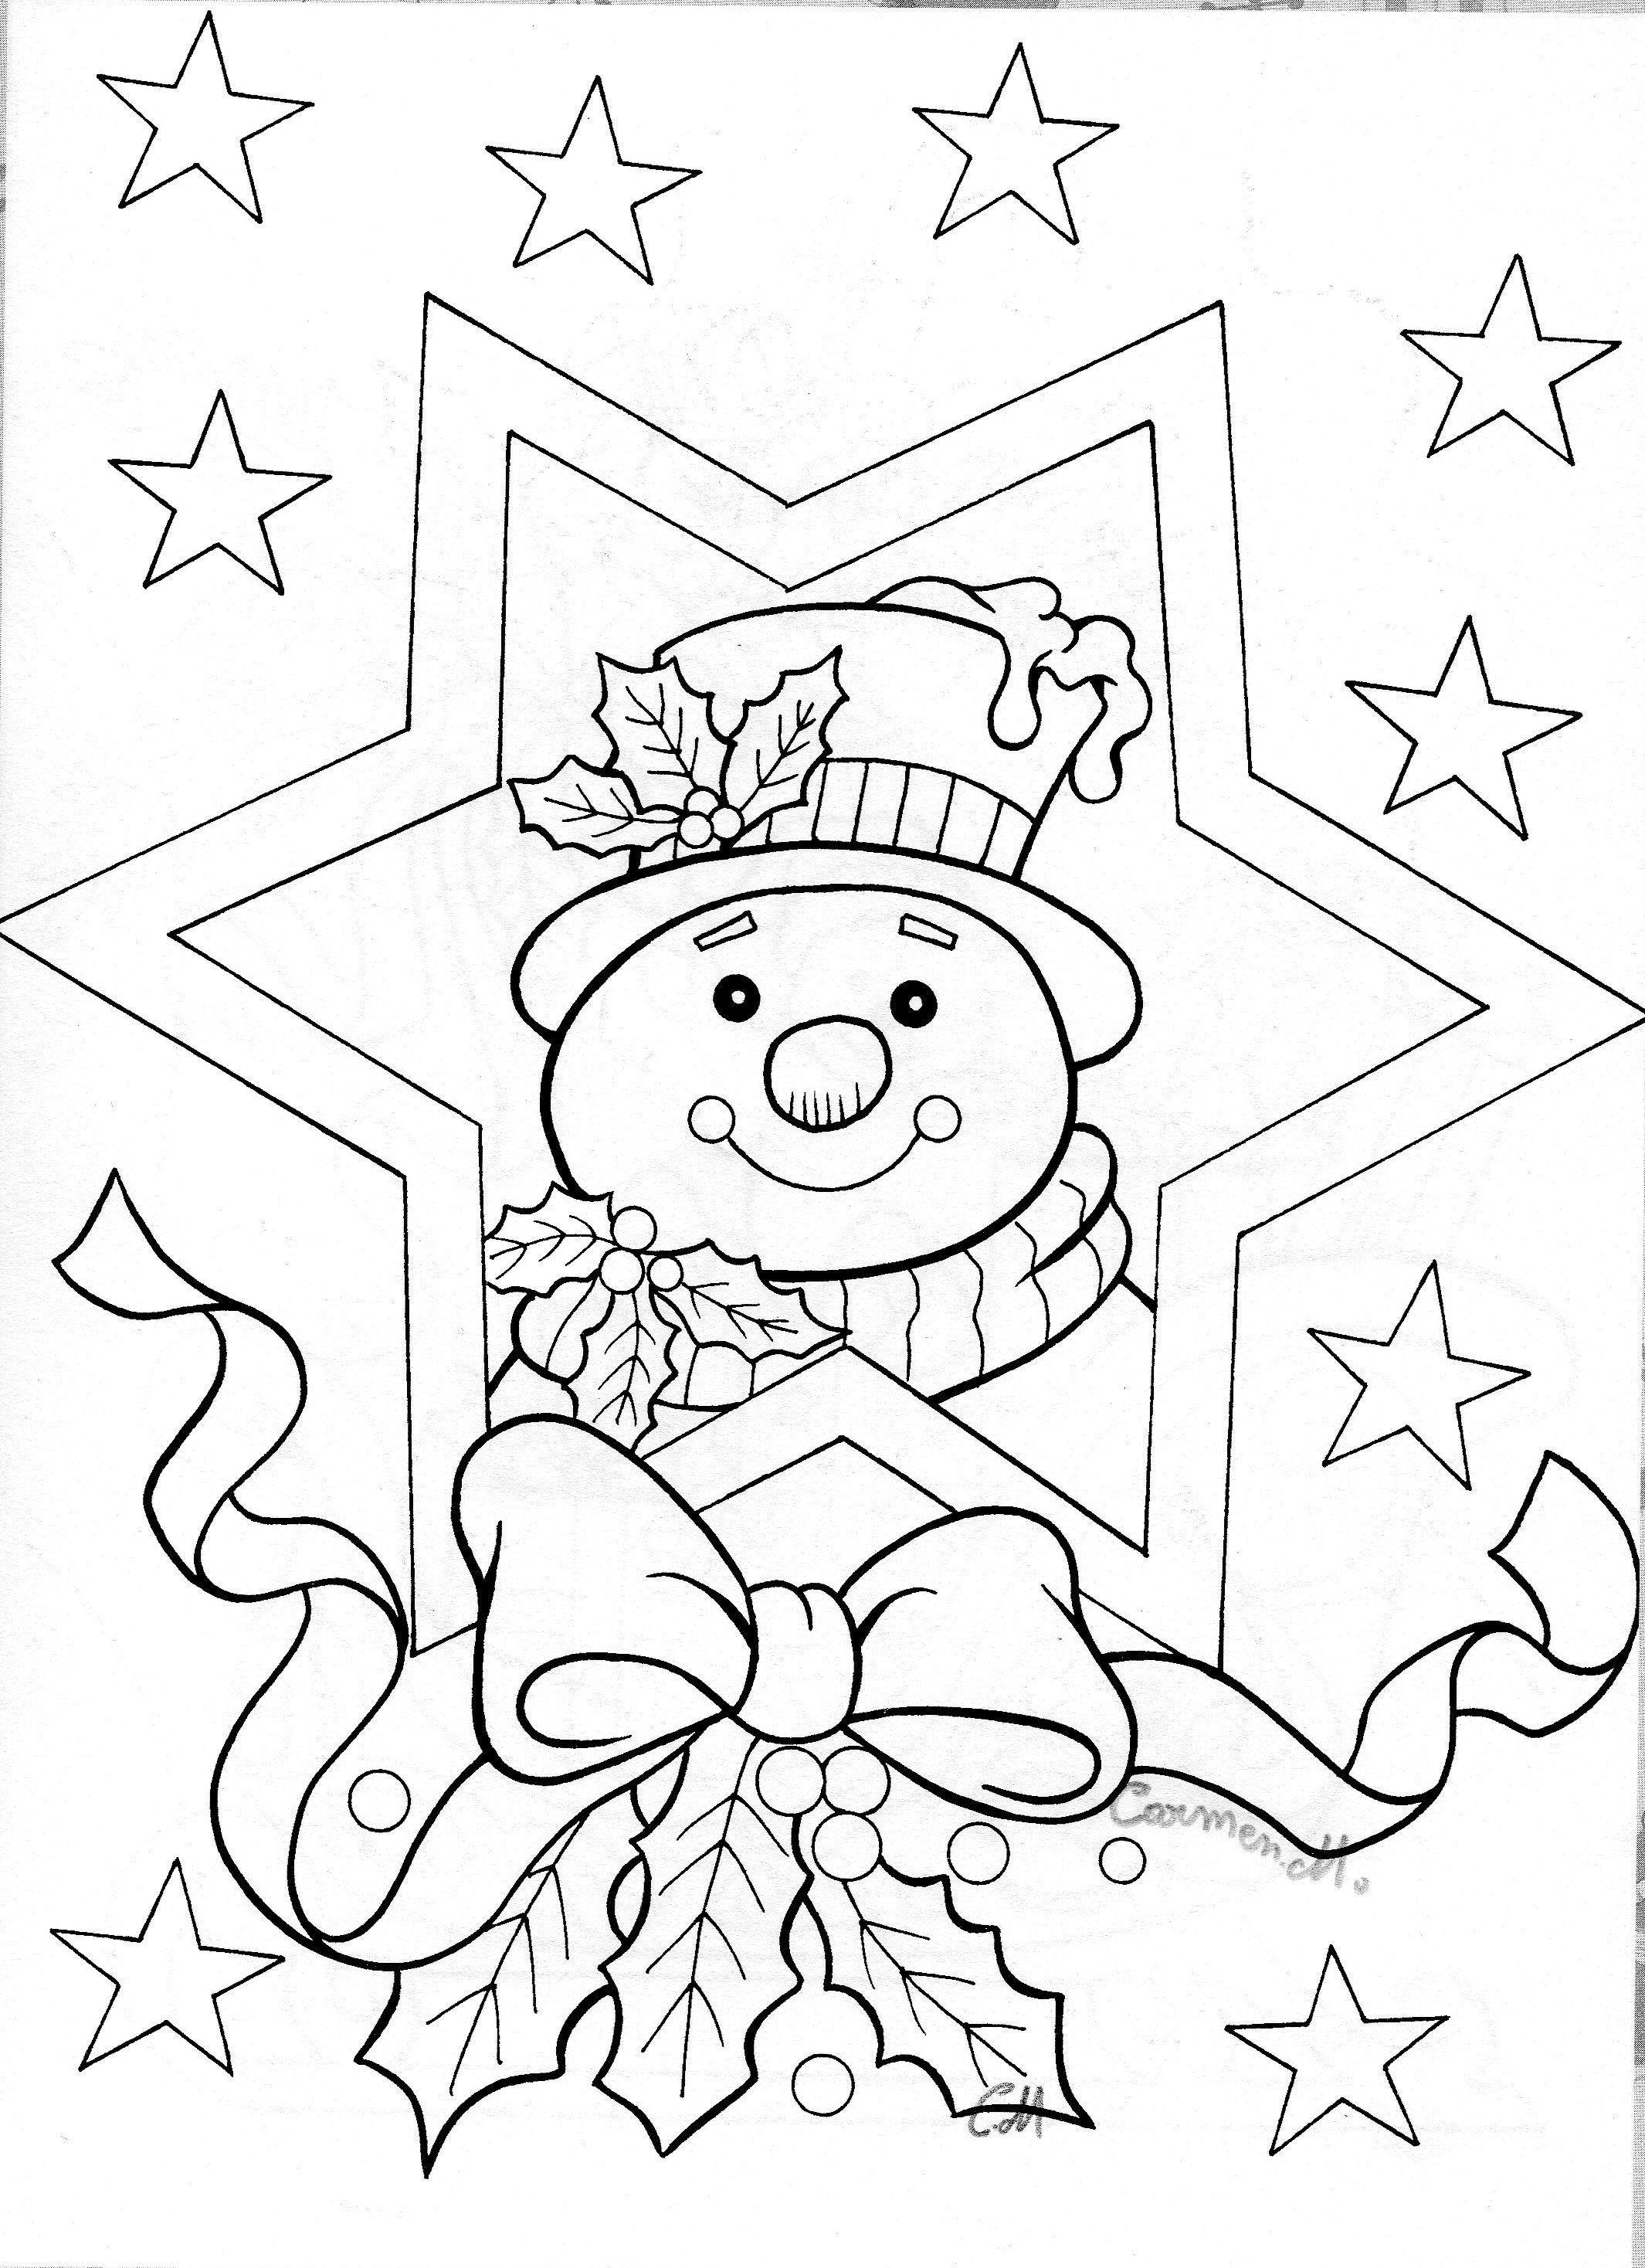 Ausmalbilder Weihnachten Disney Kostenlos Frisch Malvorlagen Weihnachten Schneemann Einzigartig Herr Bild